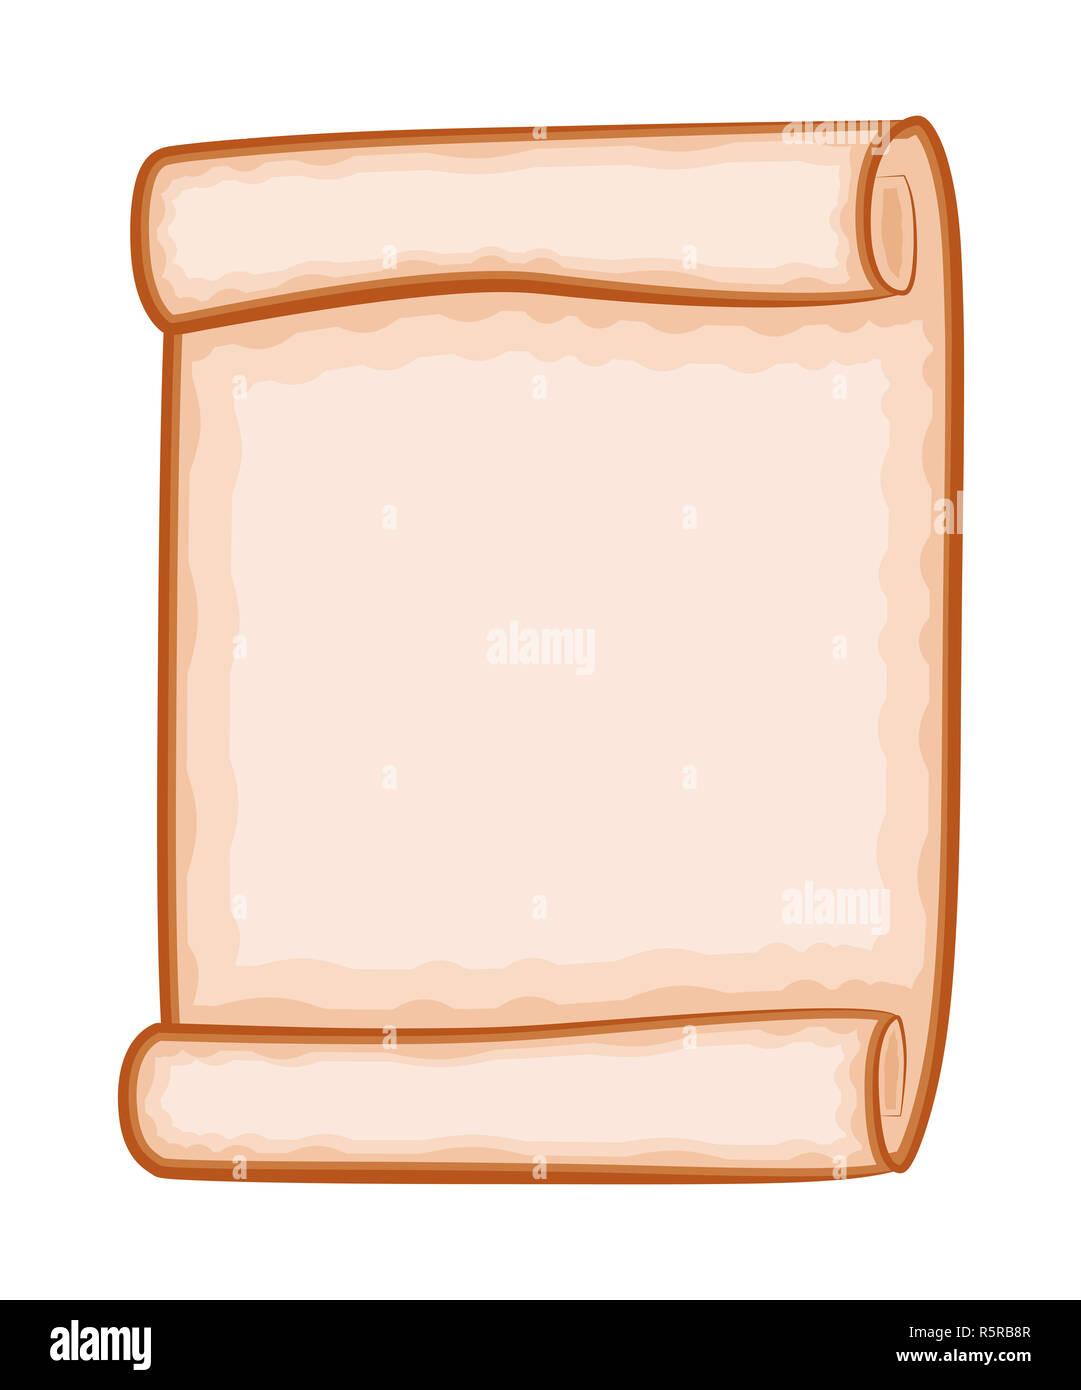 Defilement Papier Vecteur Clipart Isole Sur Fond Blanc Parchemin Vierge Vide Enroule A Faire Defiler Vieux Papier Texture Feuille Photo Stock Alamy